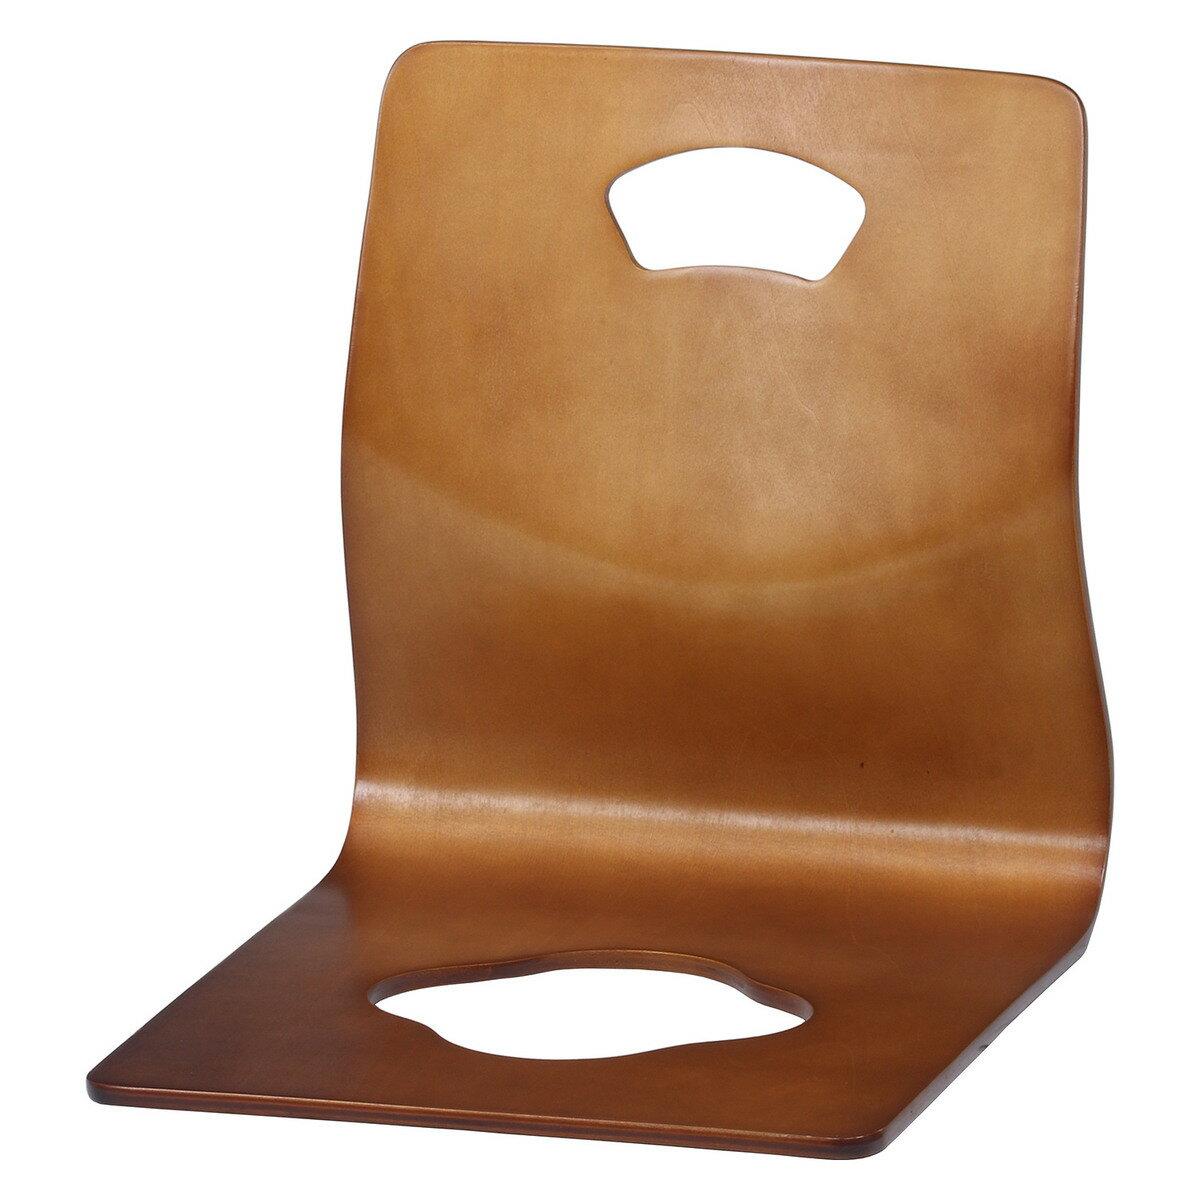 和座椅子 6221HBR ブラウン